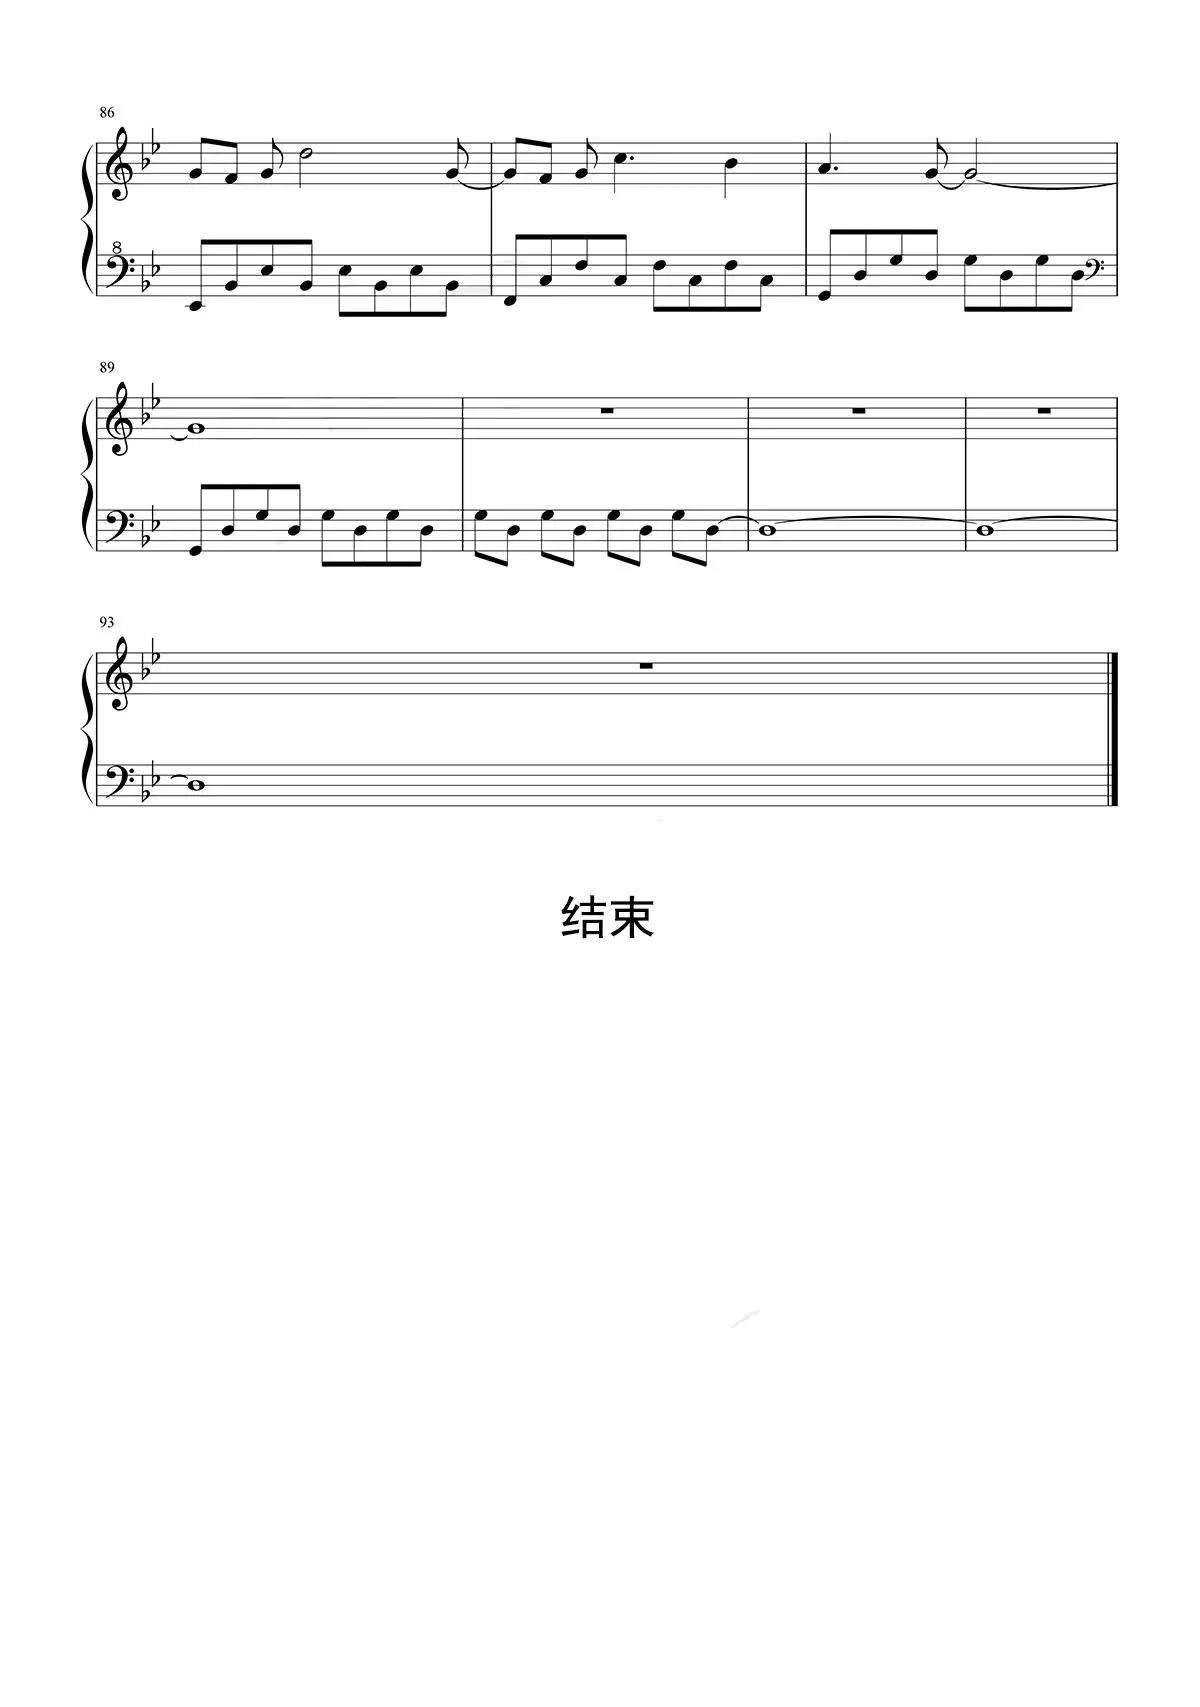 吉他譜 第7頁